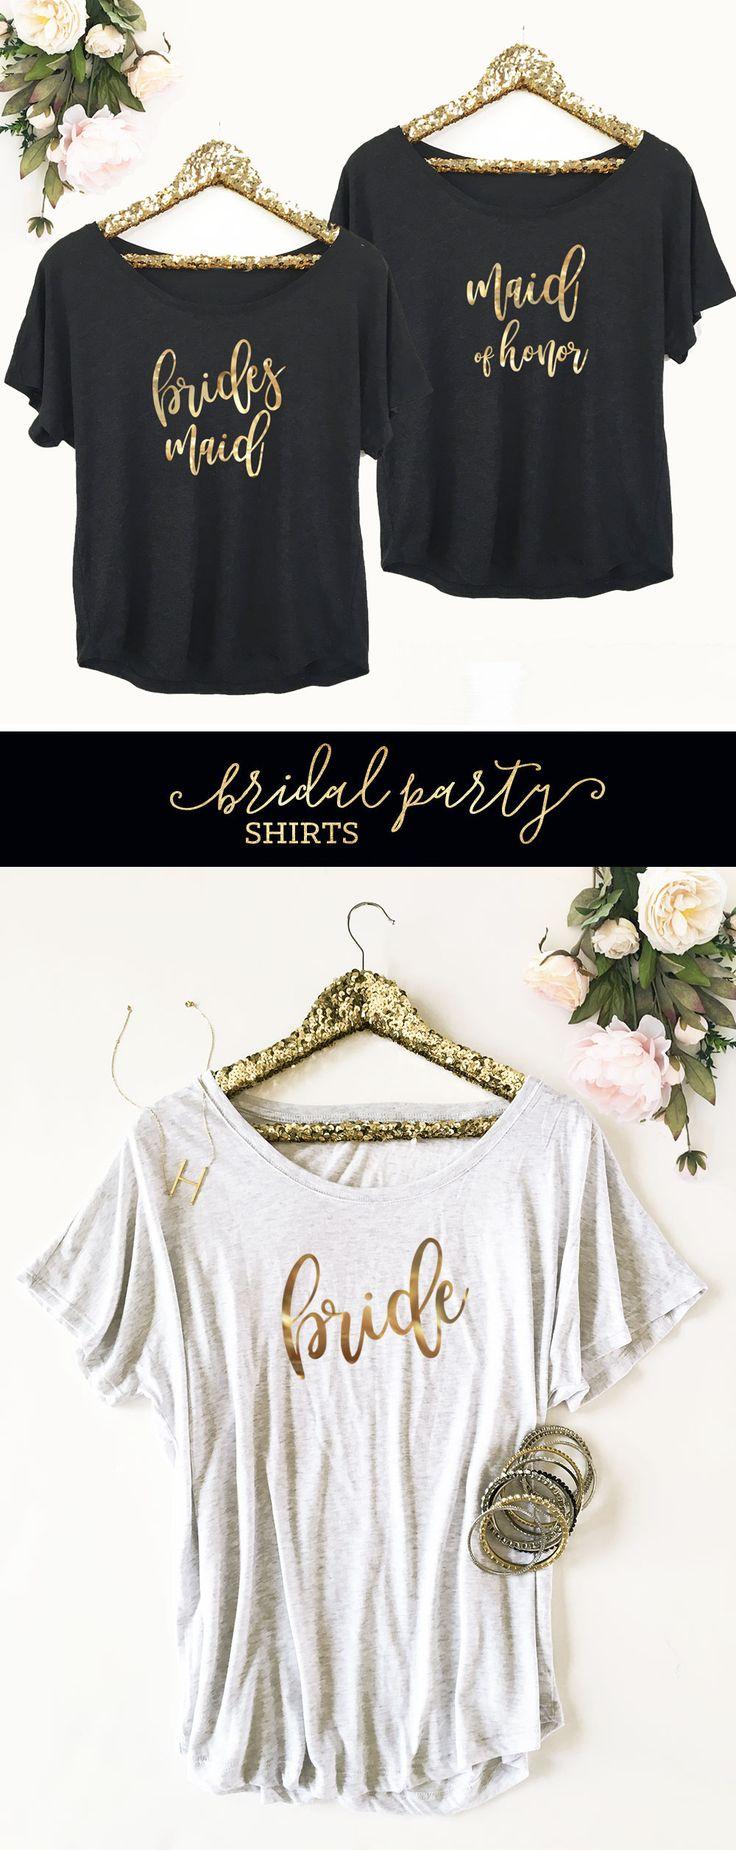 BRIDESMAID SHIRTS | BRIDAL PARTY TSHIRTS | BRIDE SHIRT | WEDDING SHIRTS